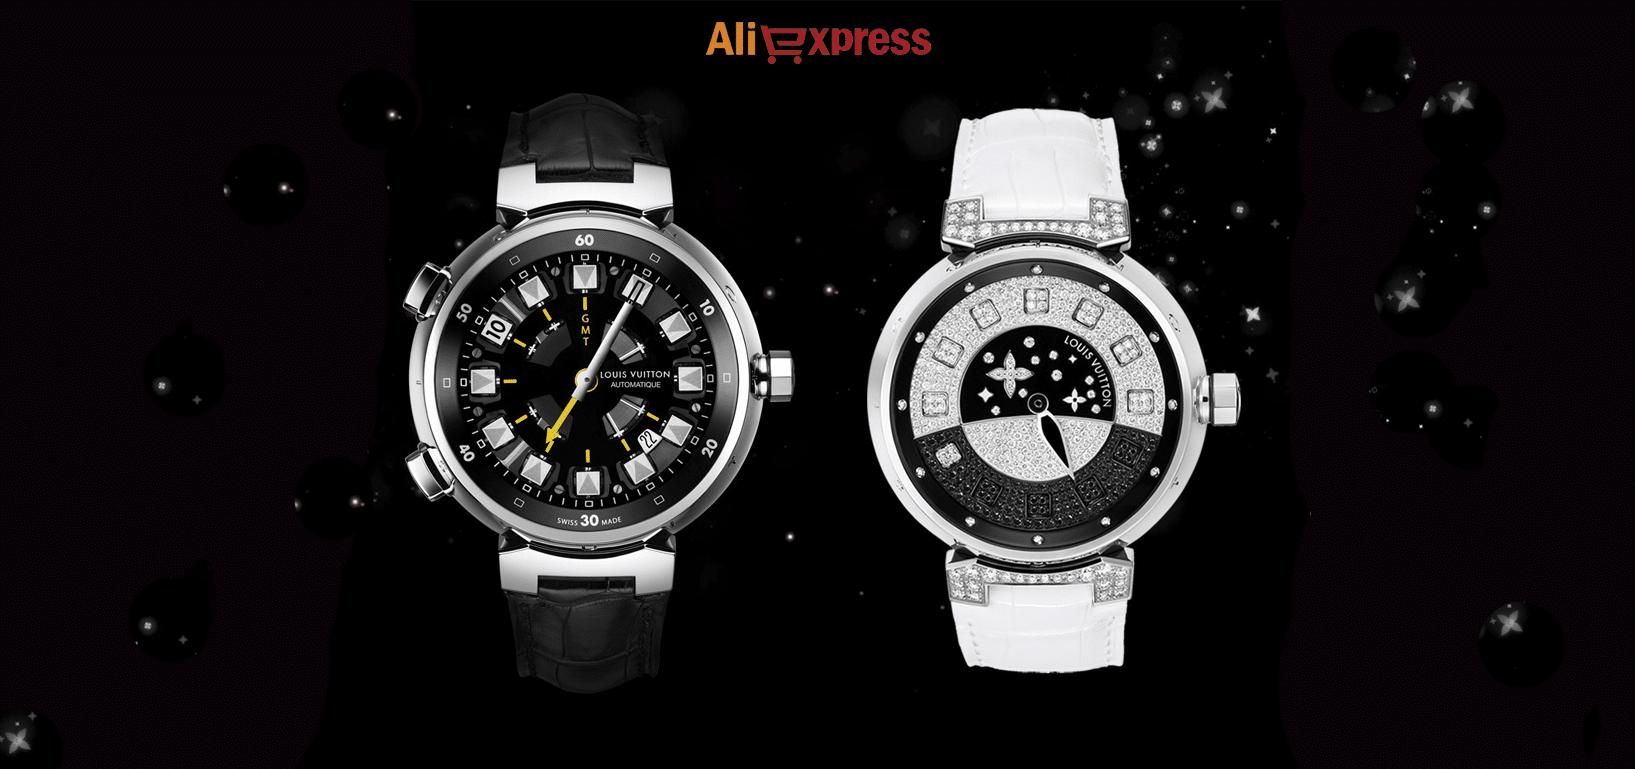 Trouver de bonnes montres de marques chinoises sur AliExpress  730858afc2e